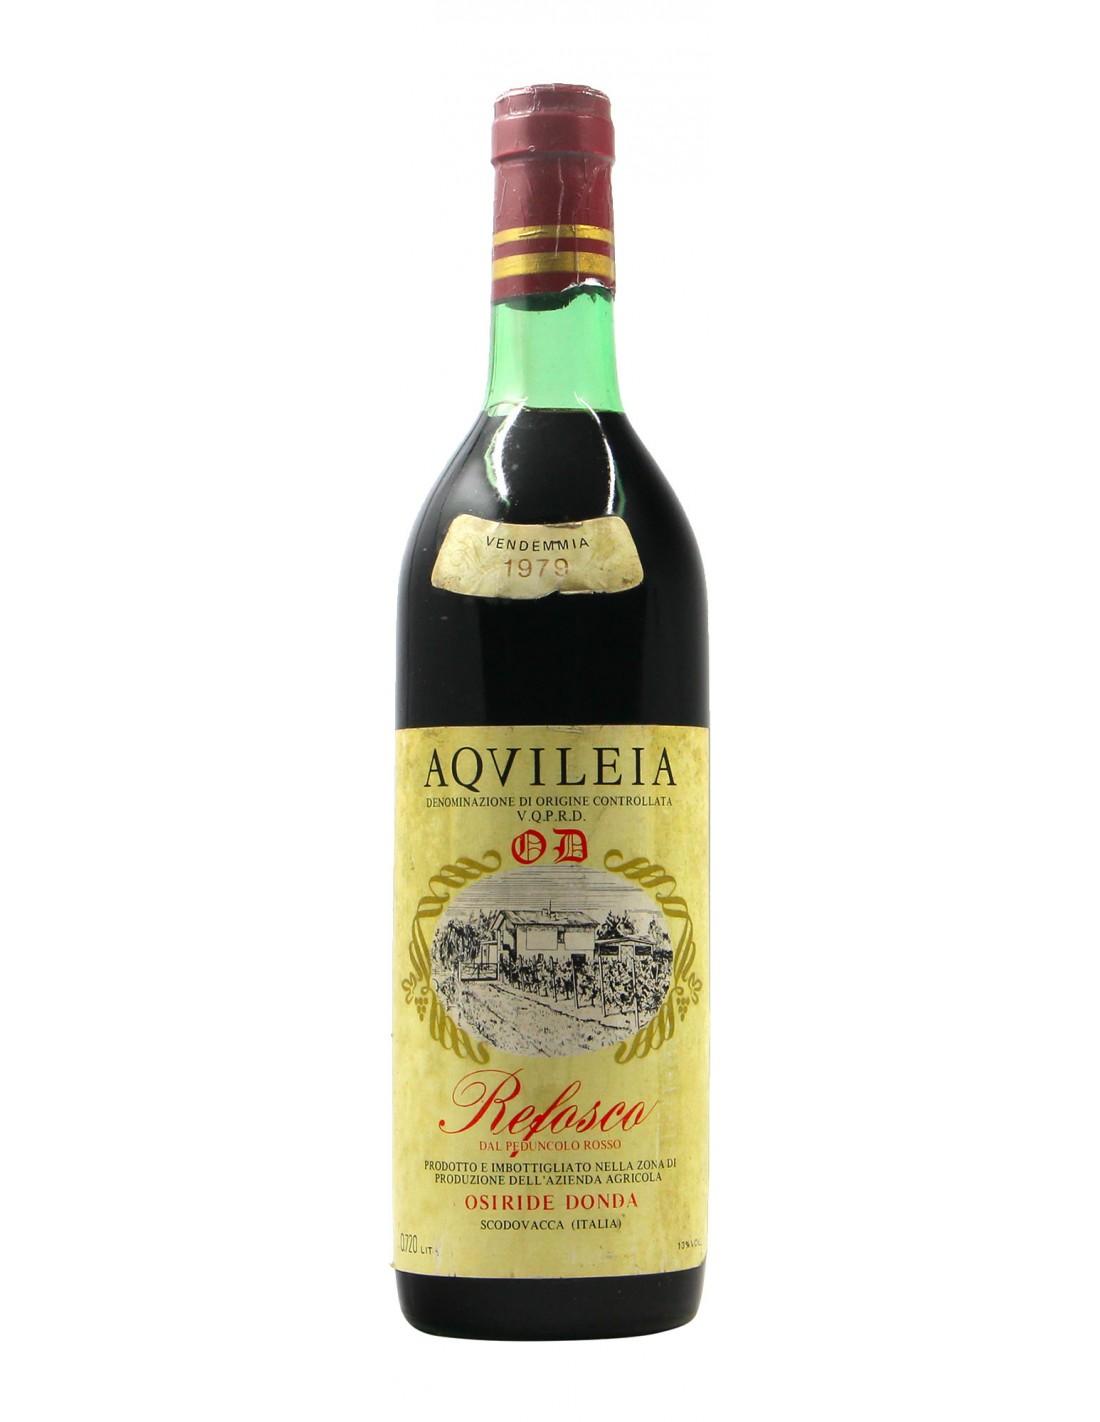 REFOSCO AQUILEIA 1979 OSIRIDE DONDA Grandi Bottiglie